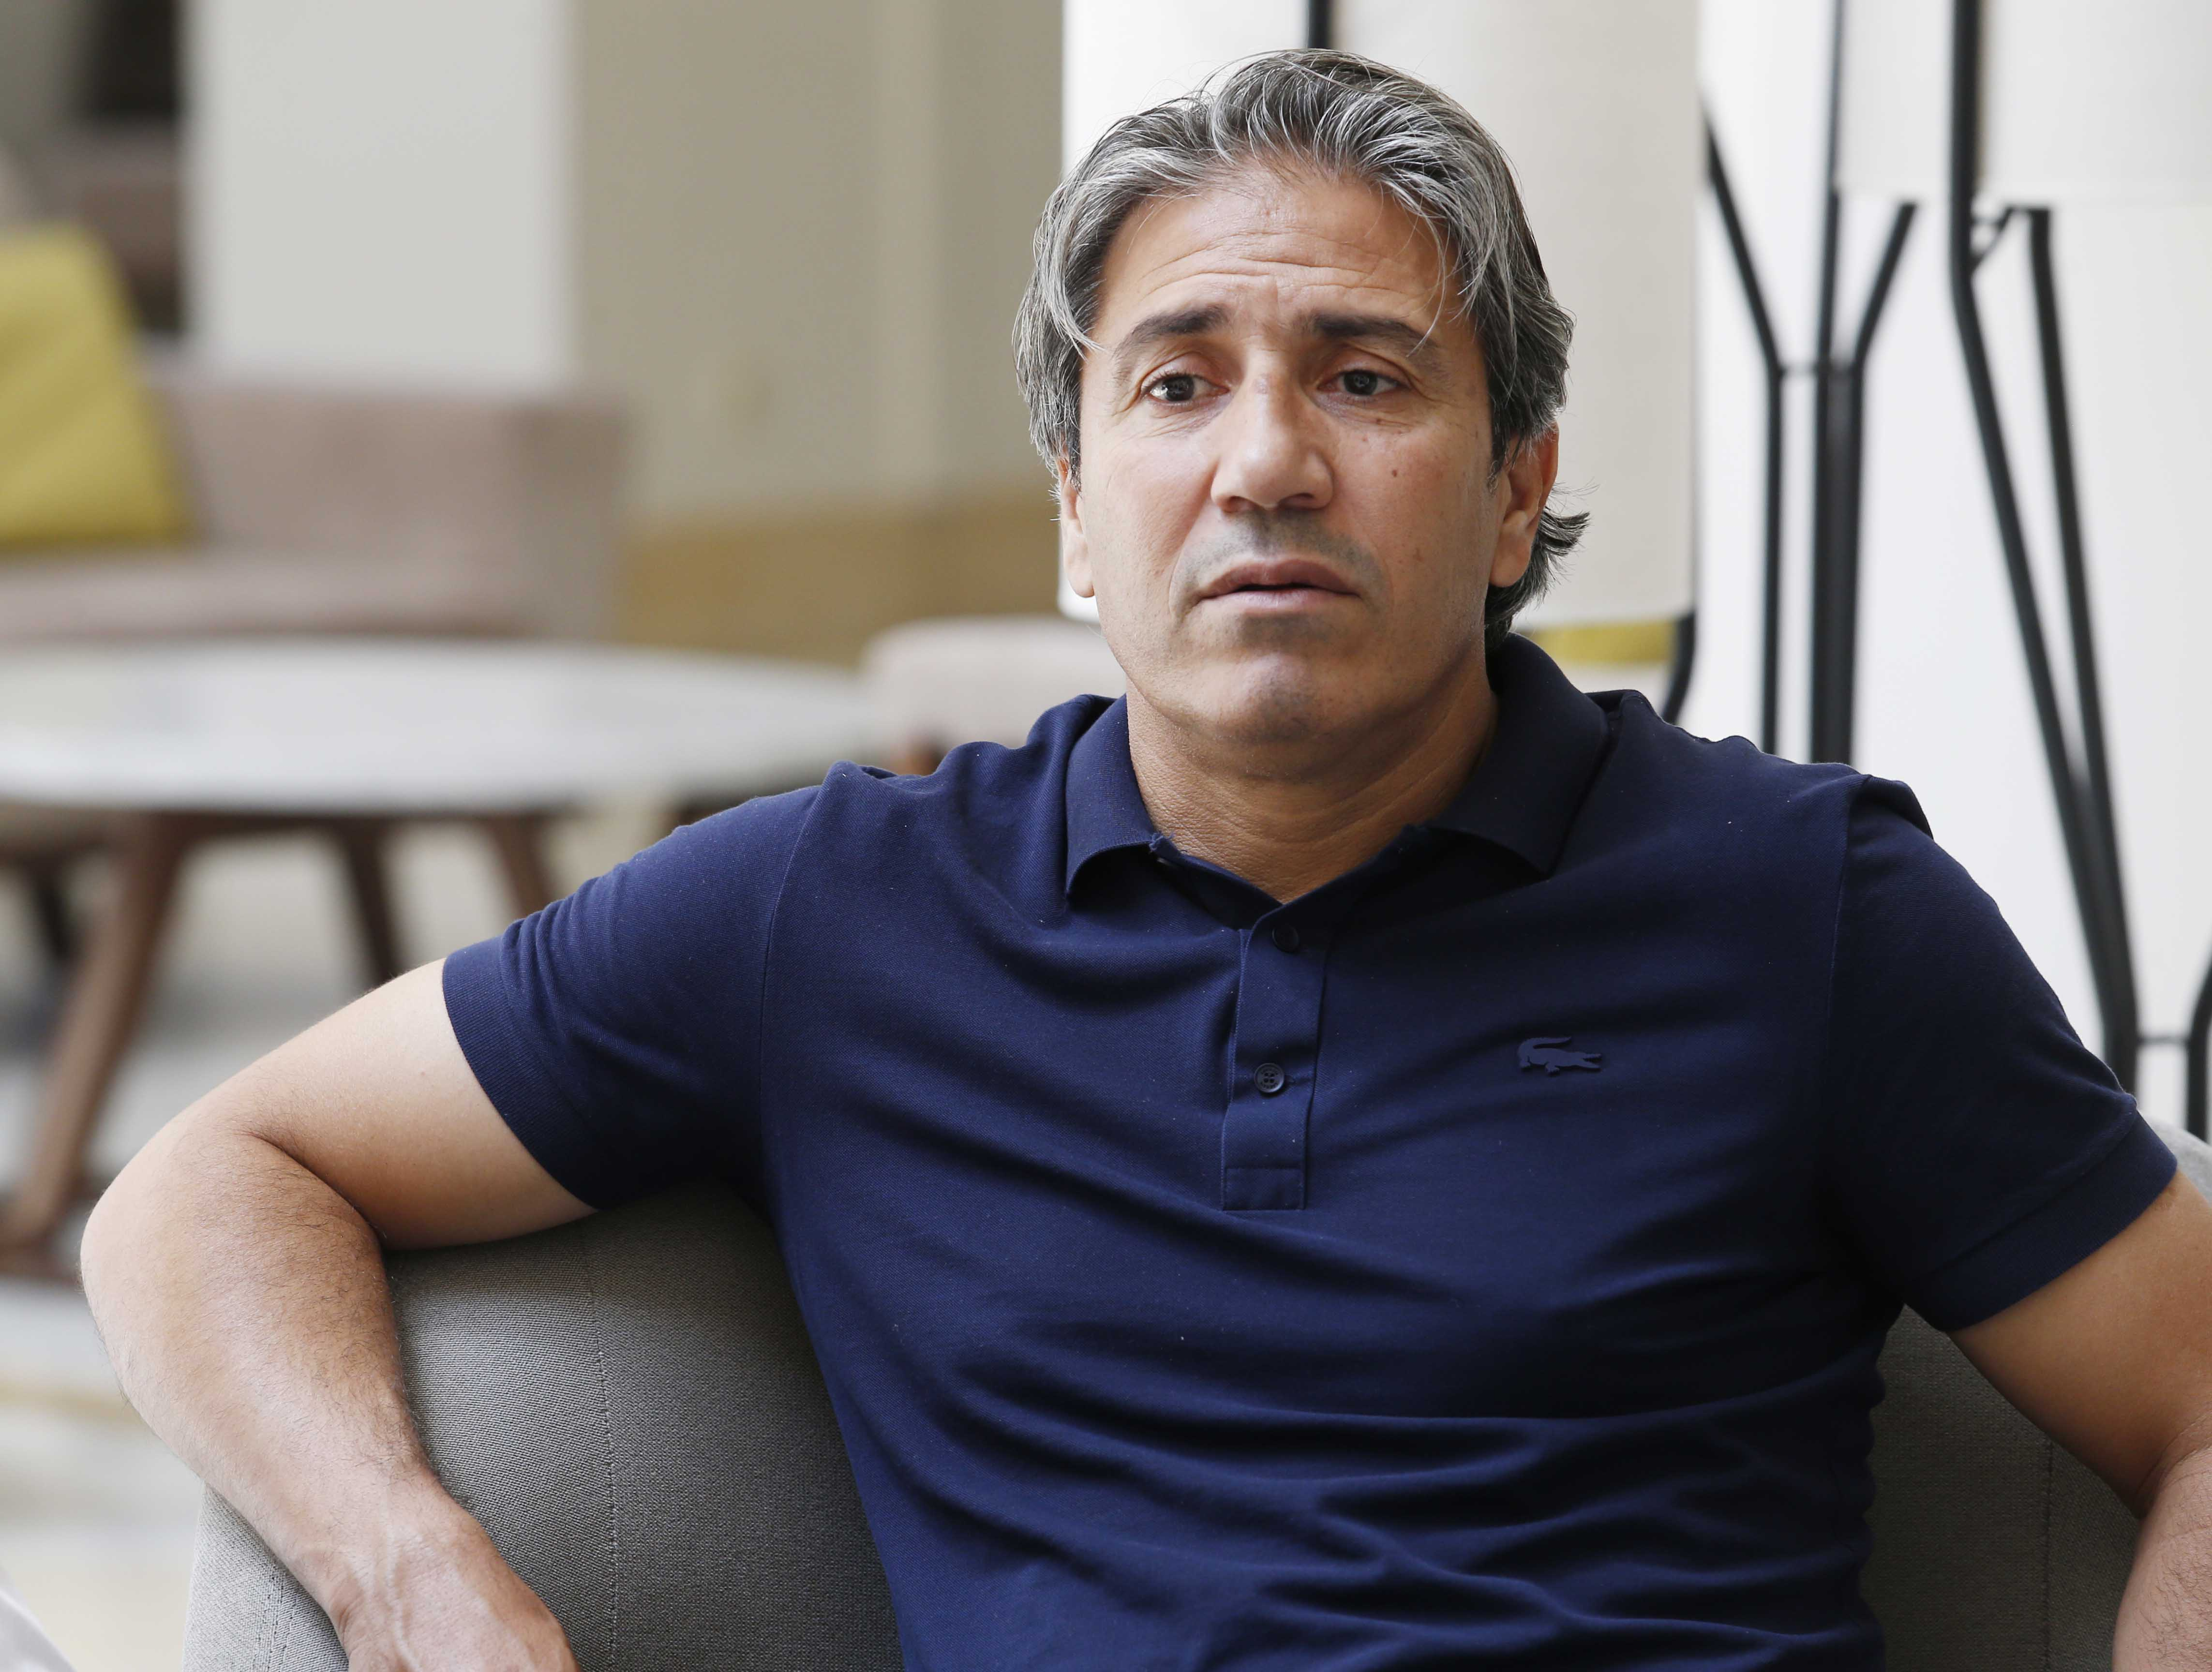 نبيل الكوكي يتعرض إلى العنصرية في الجزائر